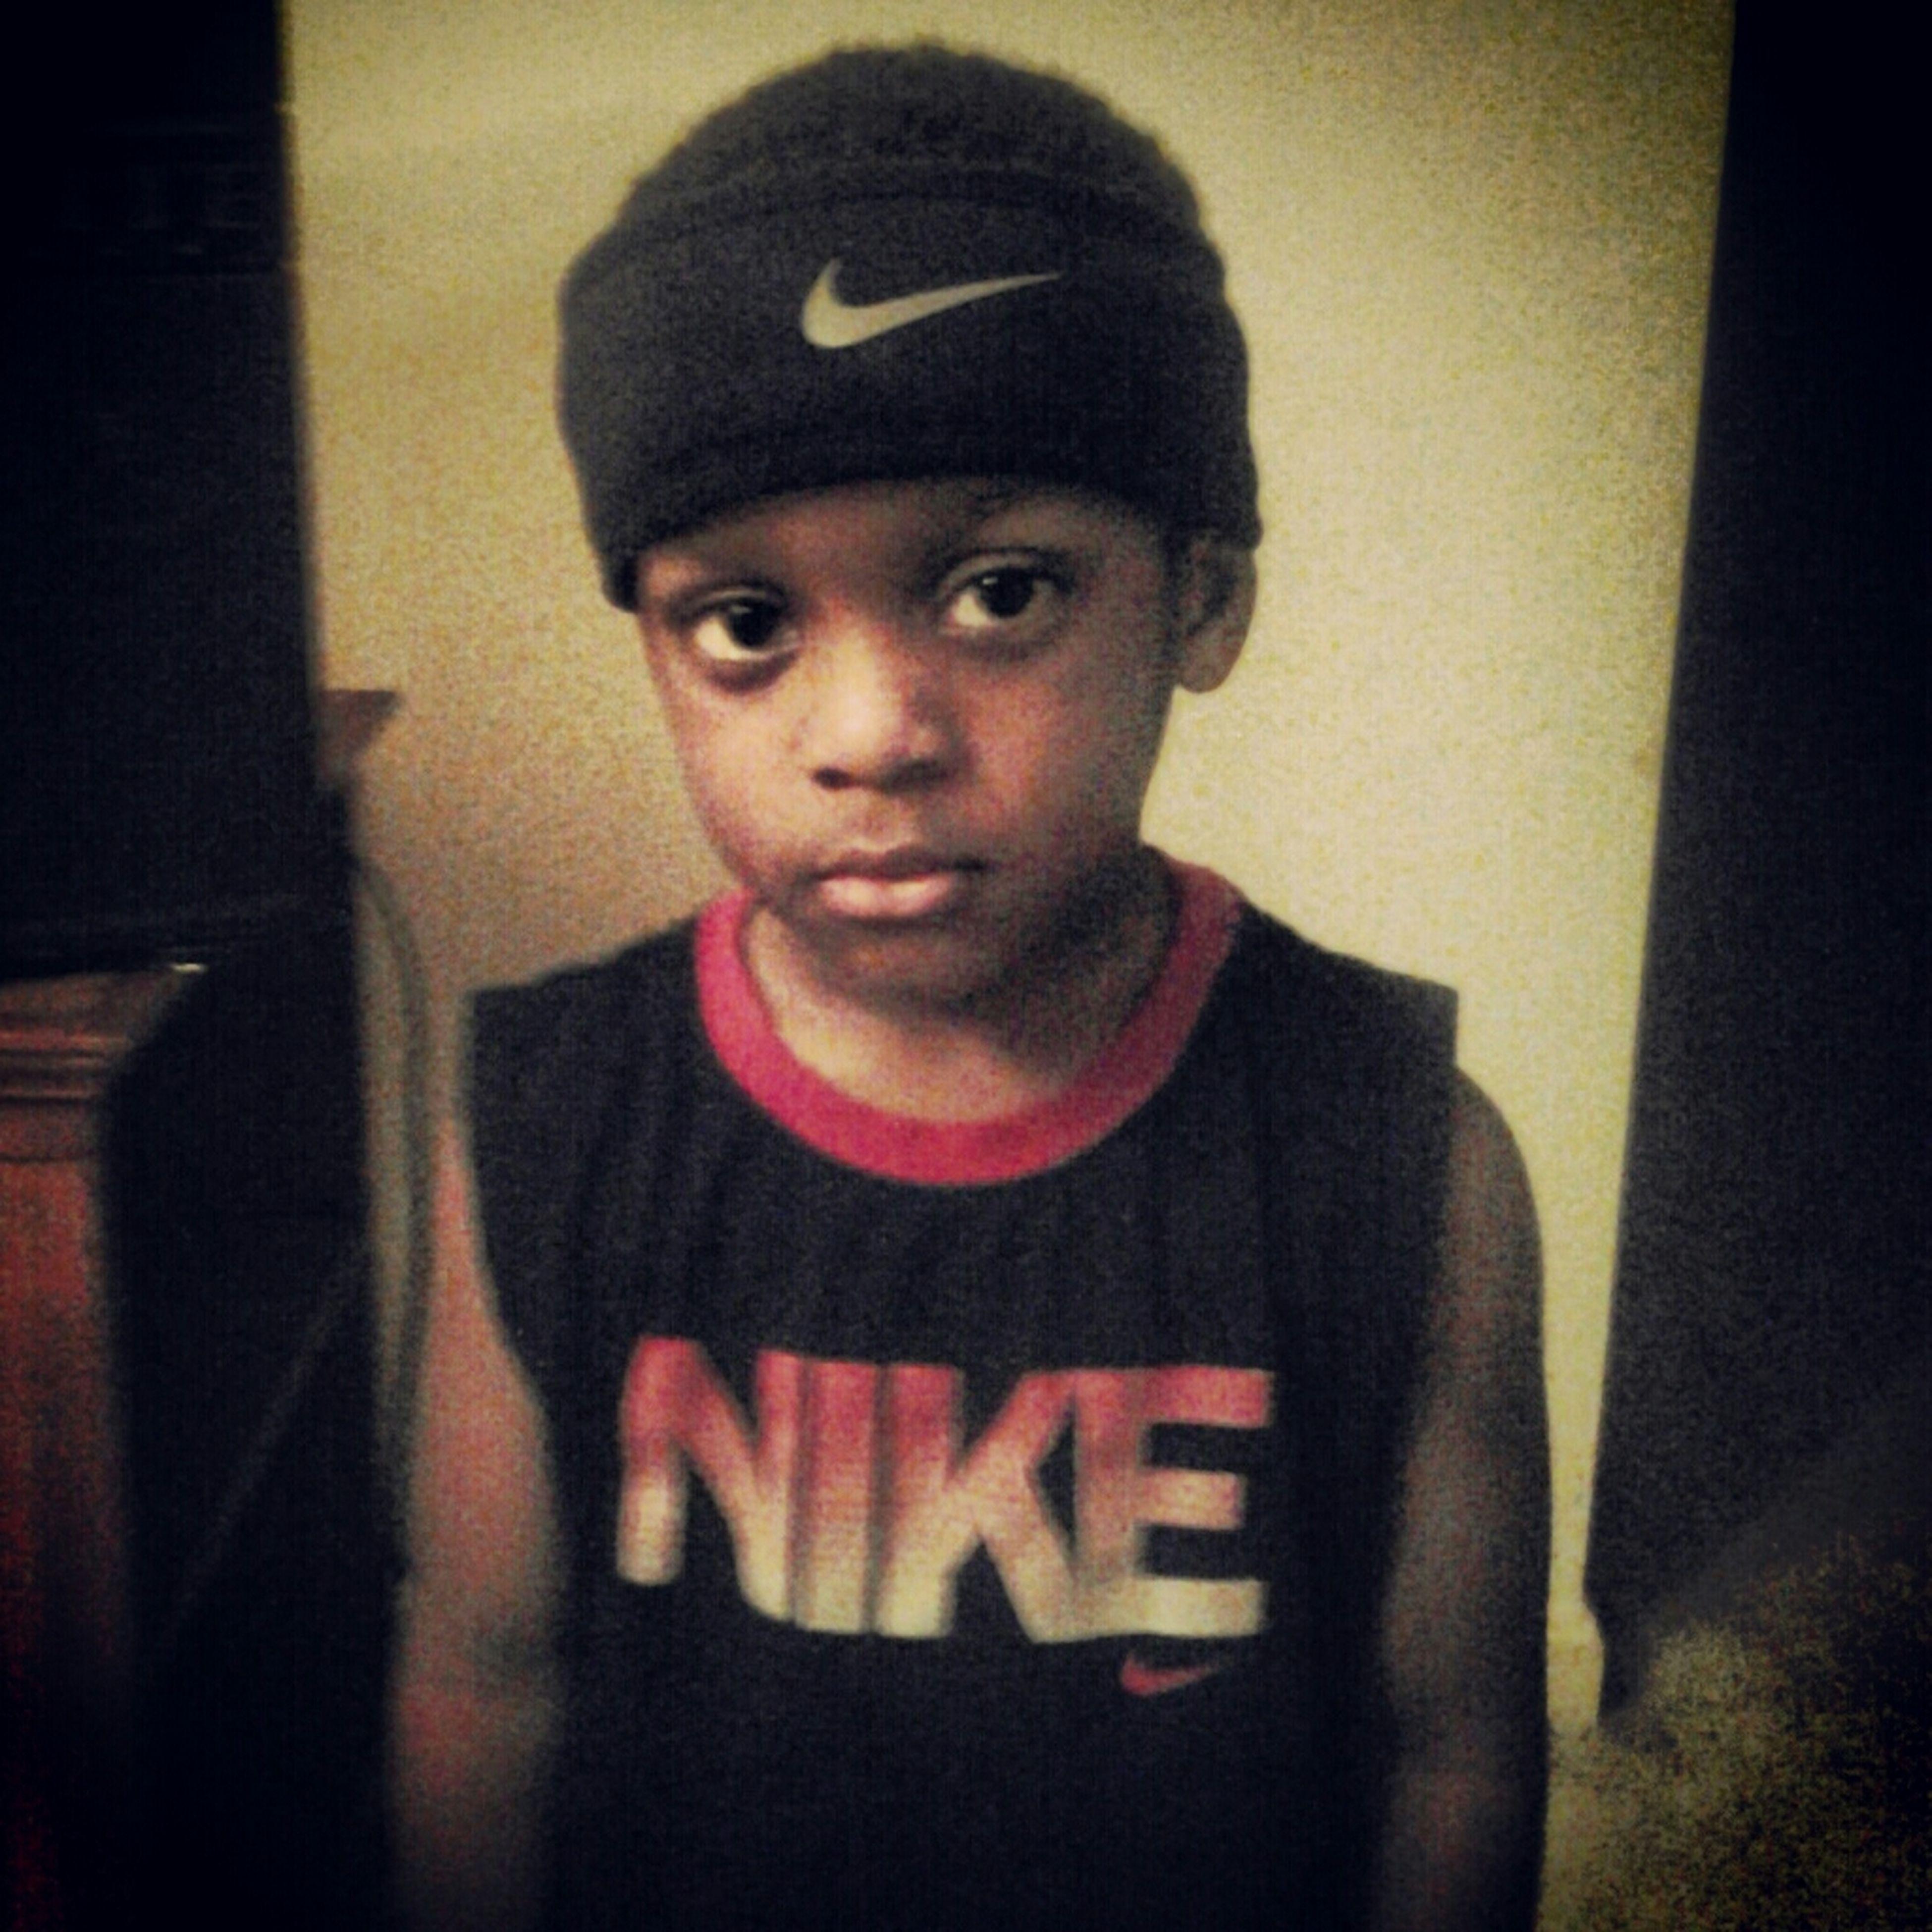 All He Wear Is #nike